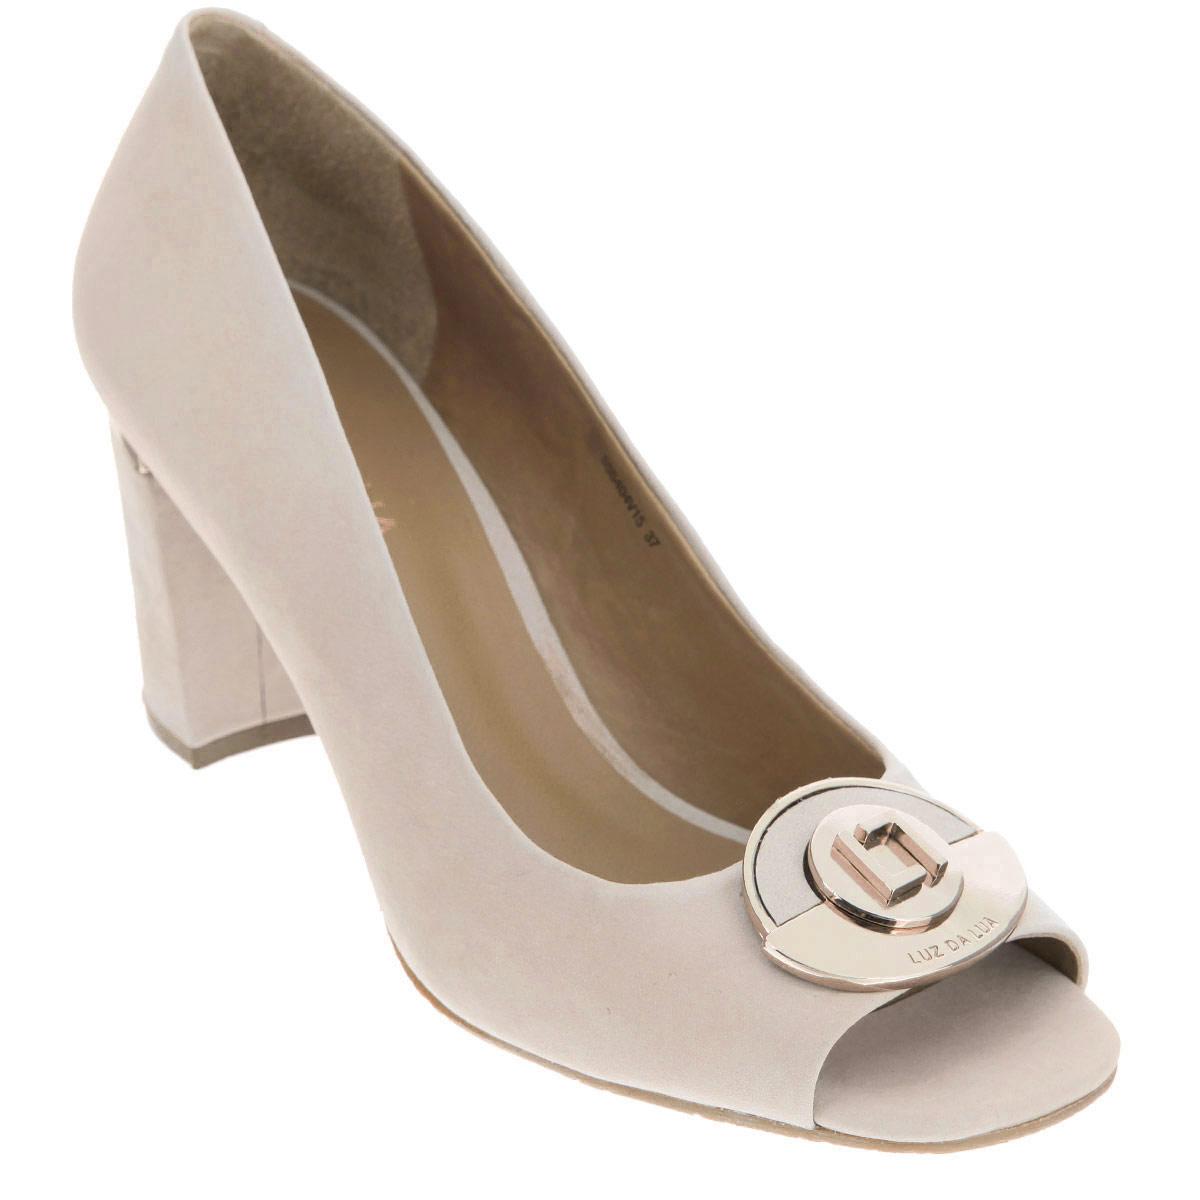 Туфли женские. S55404V15S55404V15Стильные туфли от Luz Da Lua - основа гардероба каждой женщины! Модель выполнена из натурального нубука. Мыс туфель оформлен металлической пластиной оригинальной формы с гравировками в виде названия и логотипа бренда. Открытый носок смотрится невероятно женственно. Стелька из натуральной кожи гарантирует комфорт и удобство при ходьбе. Каблук, у основания декорированный металлической вставкой, и подошва с рифлением обеспечивают идеальное сцепление с любыми поверхностями. Изысканные туфли внесут элегантные нотки в ваш модный образ.